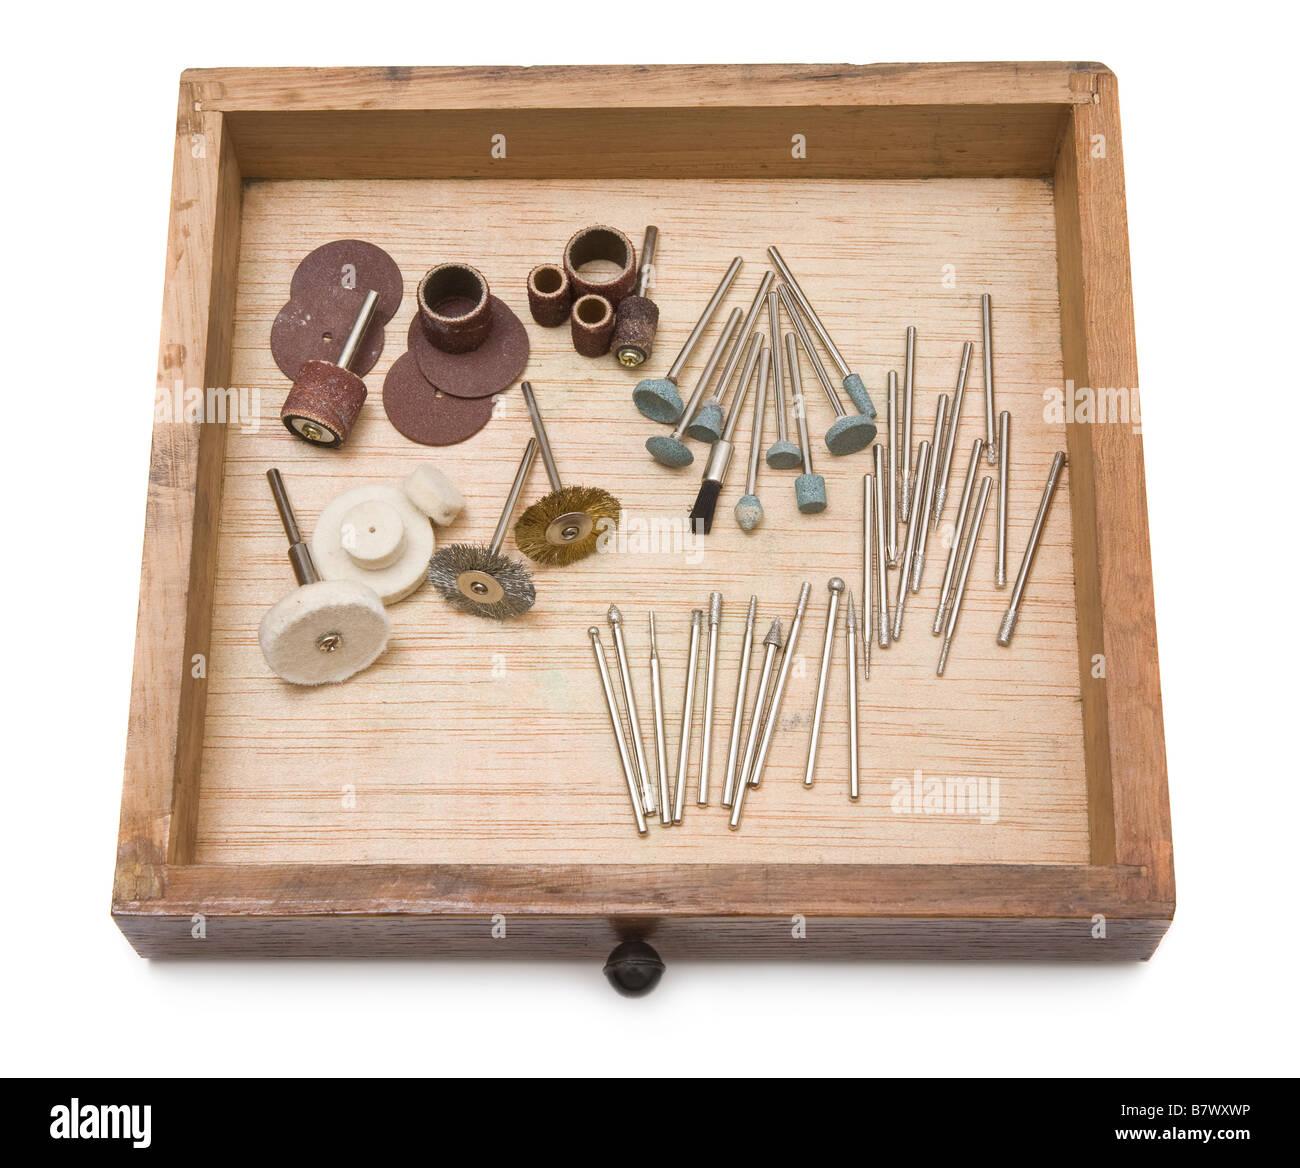 Petits conseils d'outils électriques à tiroirs en bois utilisé pour l'élaboration de Photo Stock